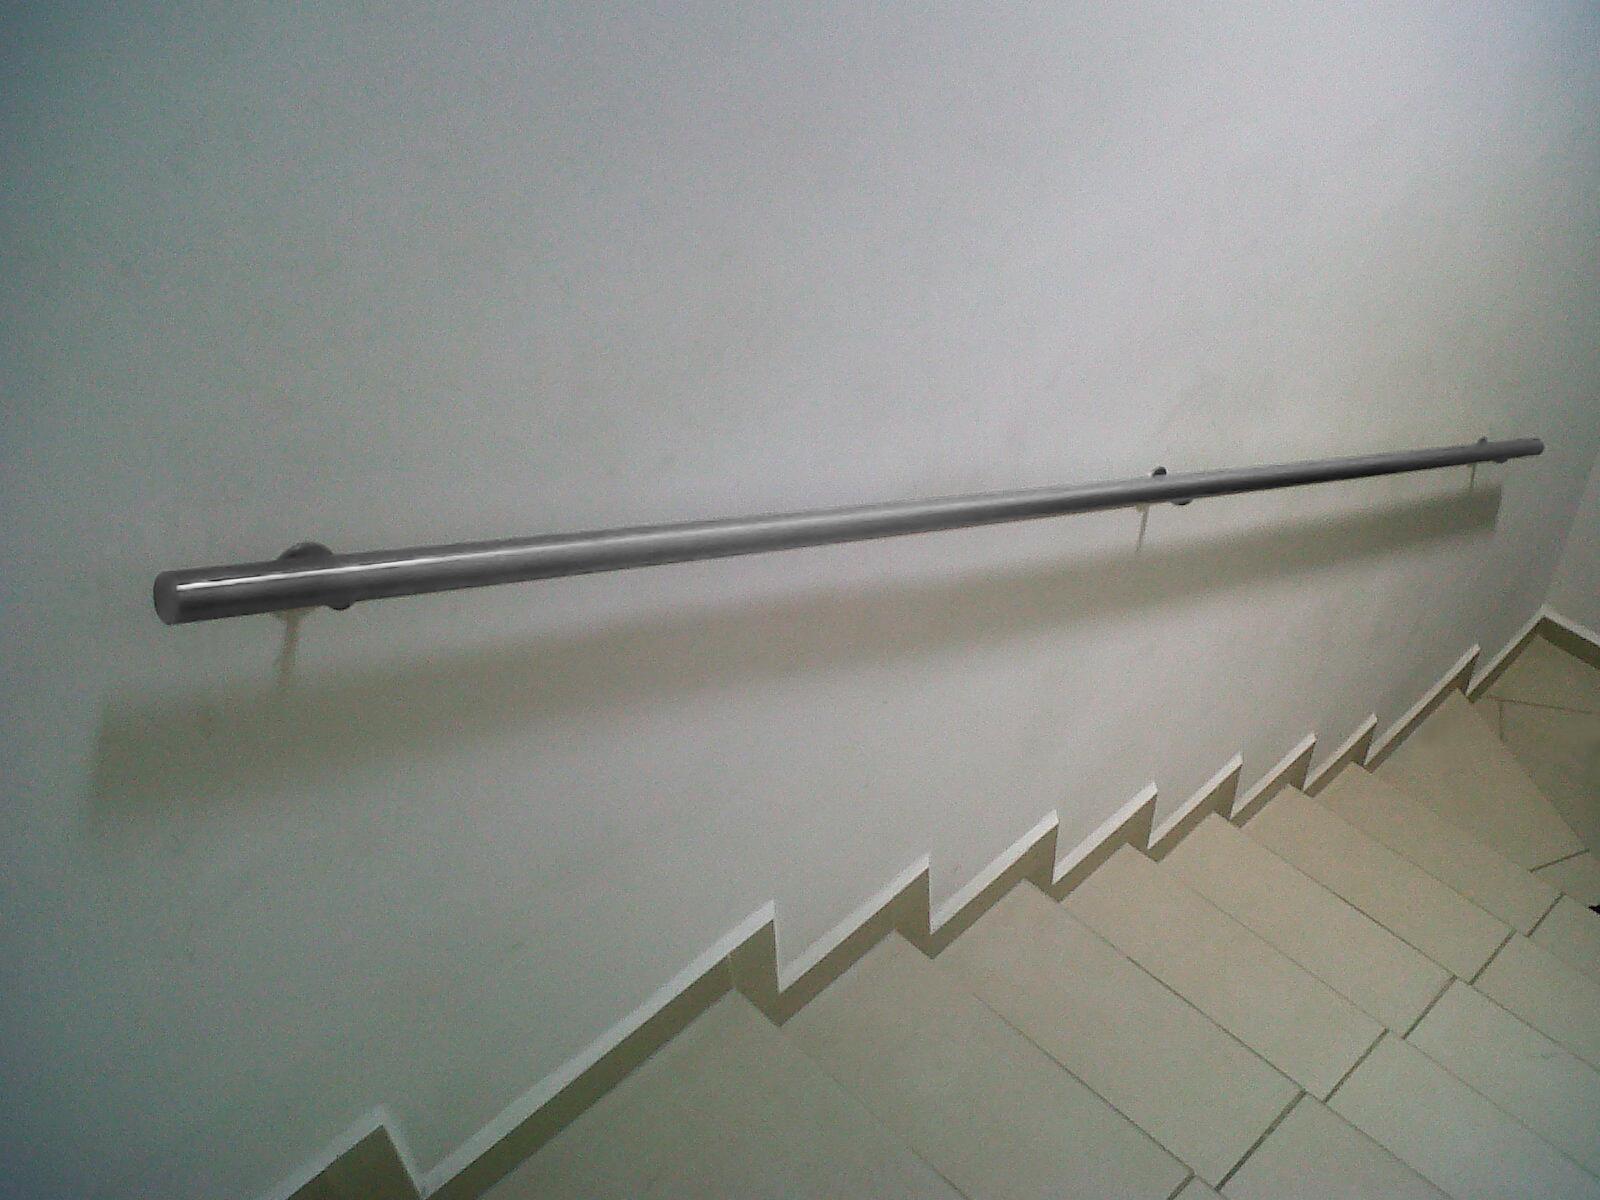 Pasamanos badisa - Pasamanos de acero inoxidable para escaleras ...